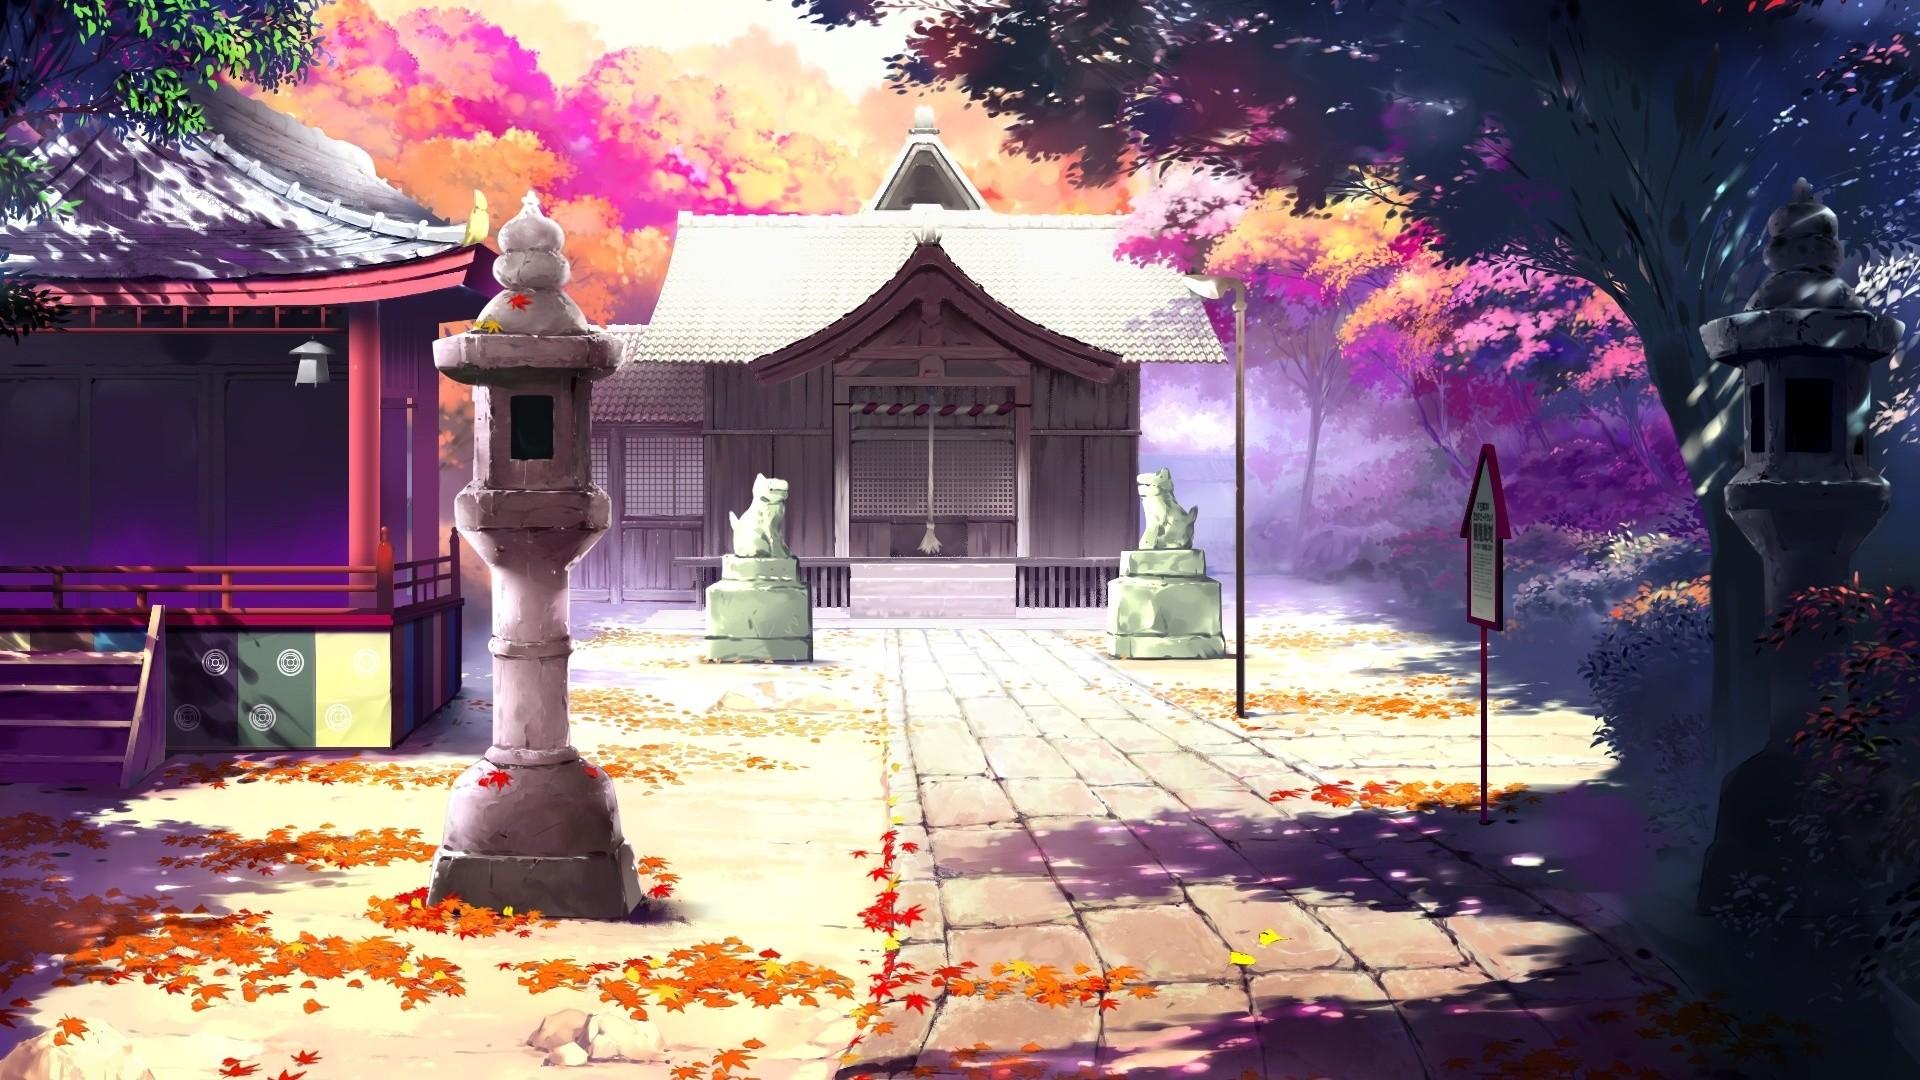 Pretty Anime Scenery Wallpaper 42593